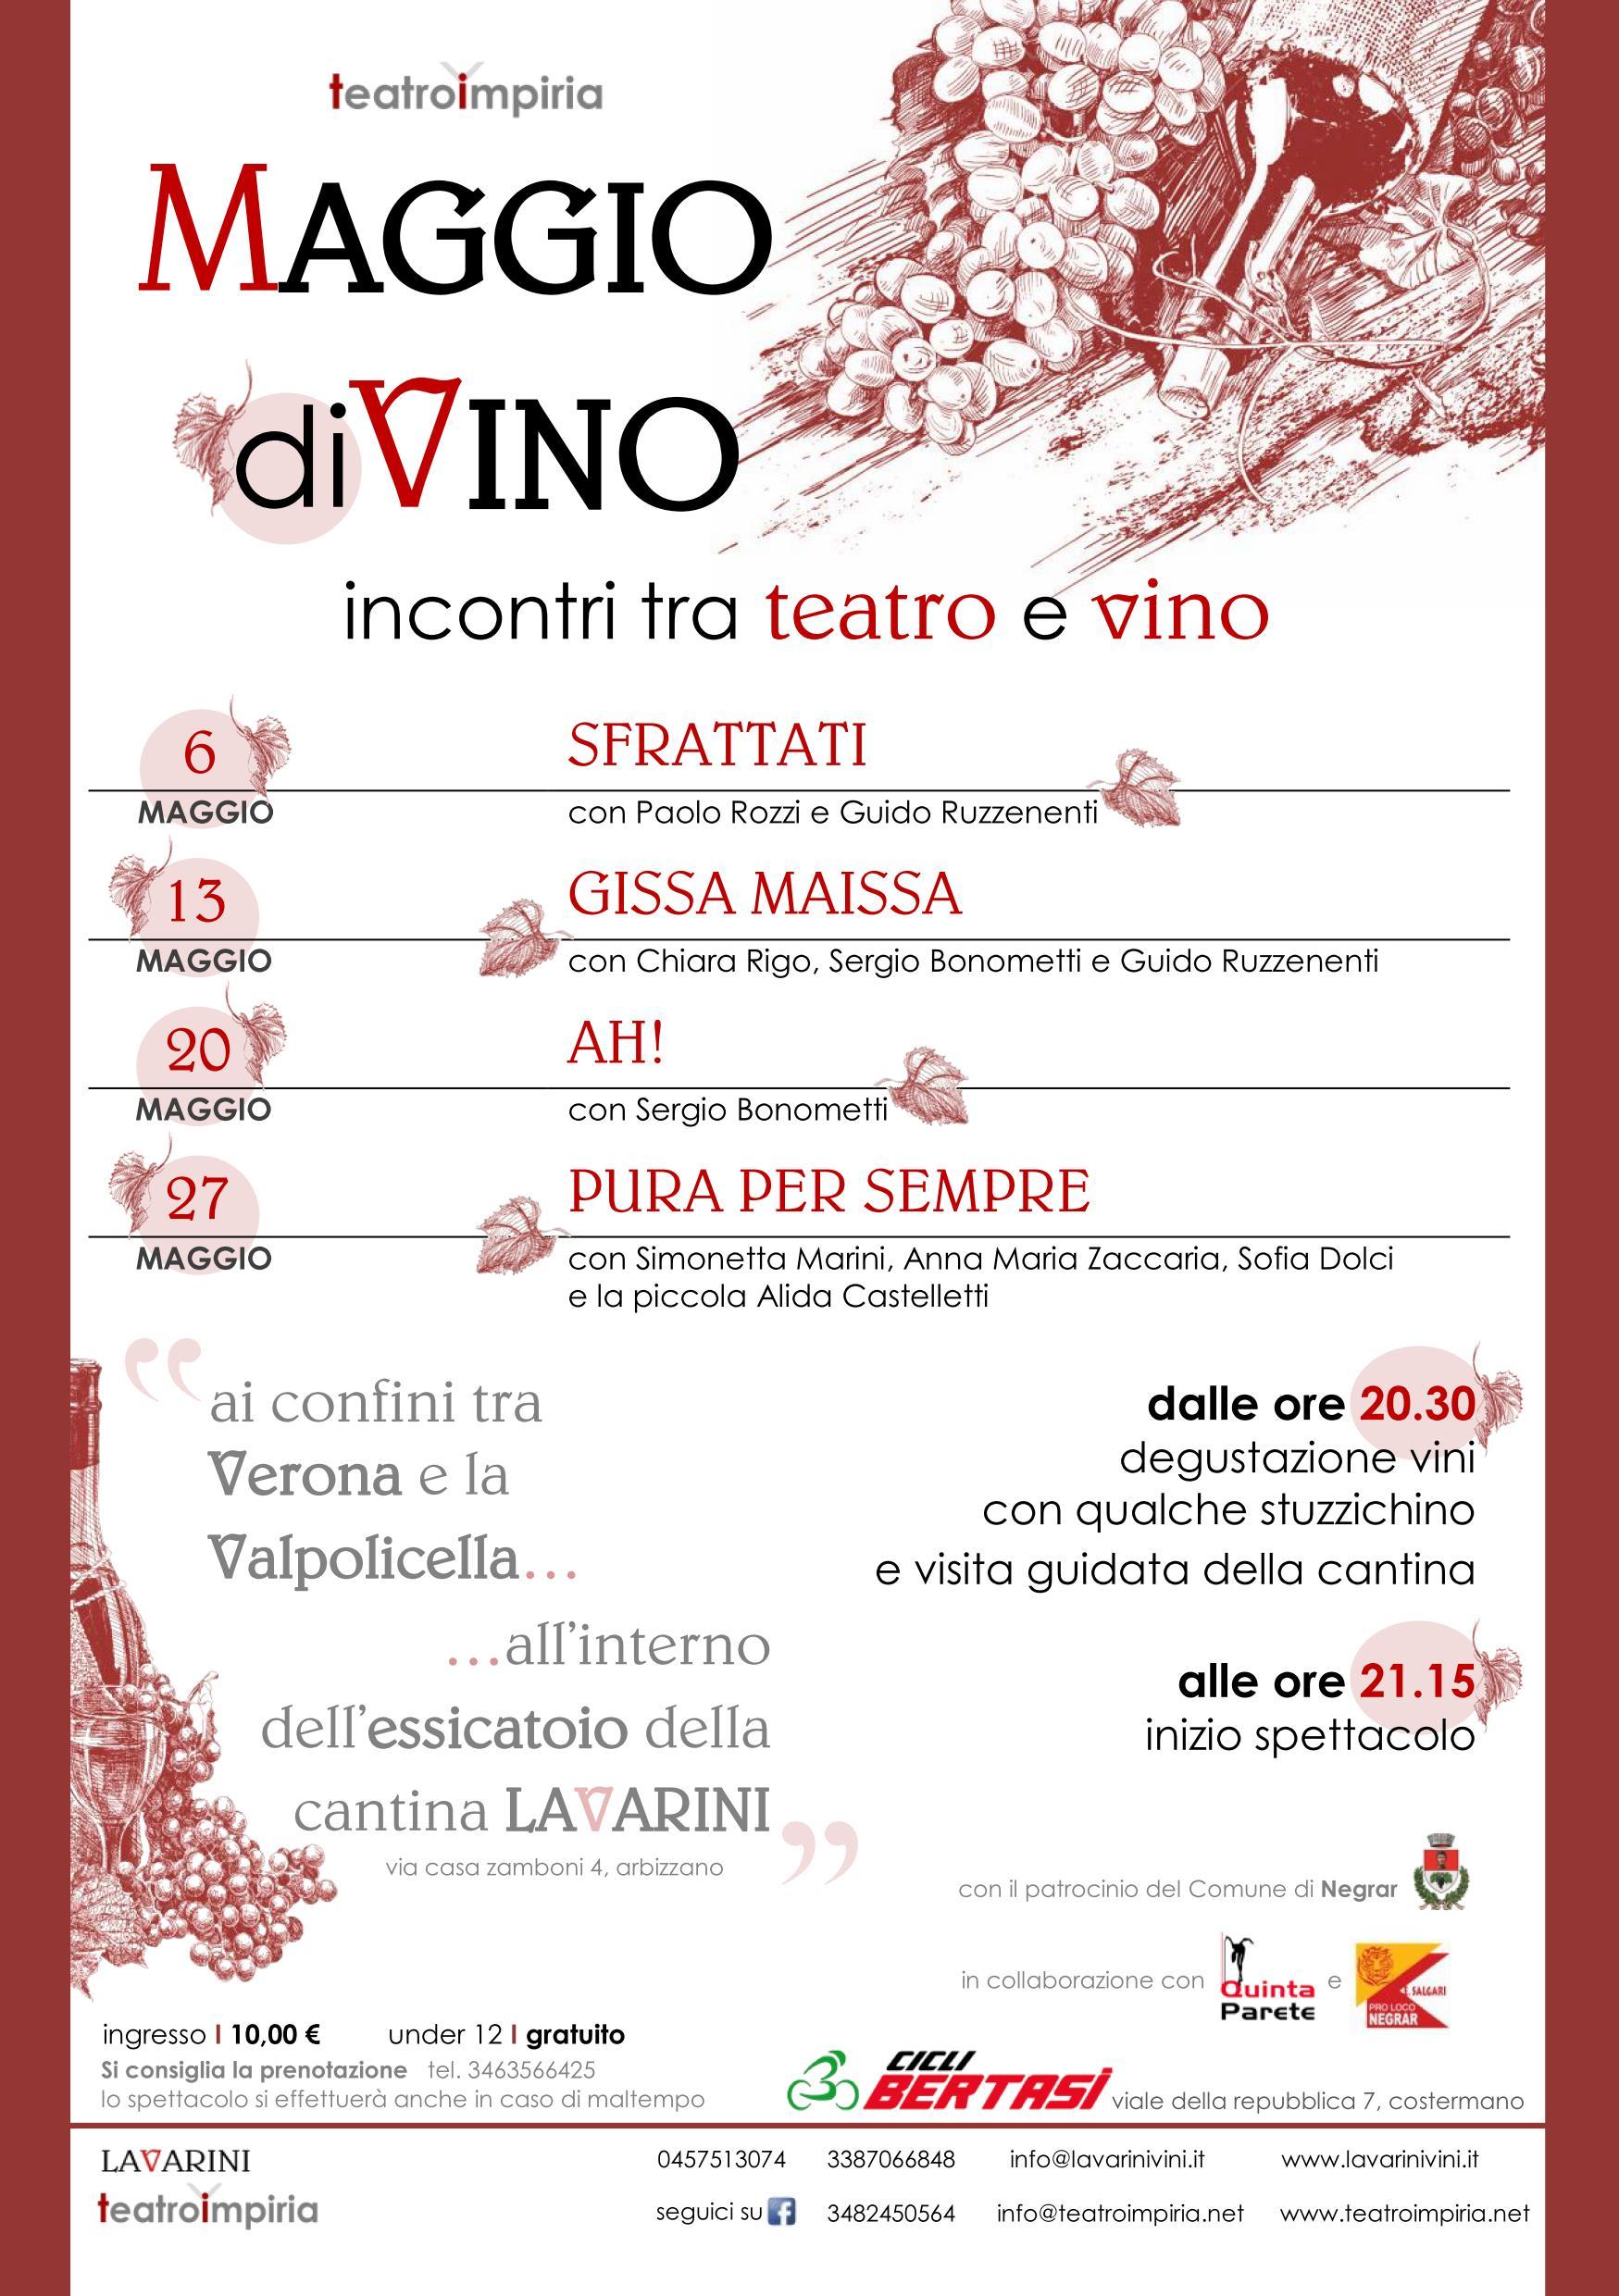 teatro-impiria-verona-maggio-divino-cantina-vino-lavarini-negrar